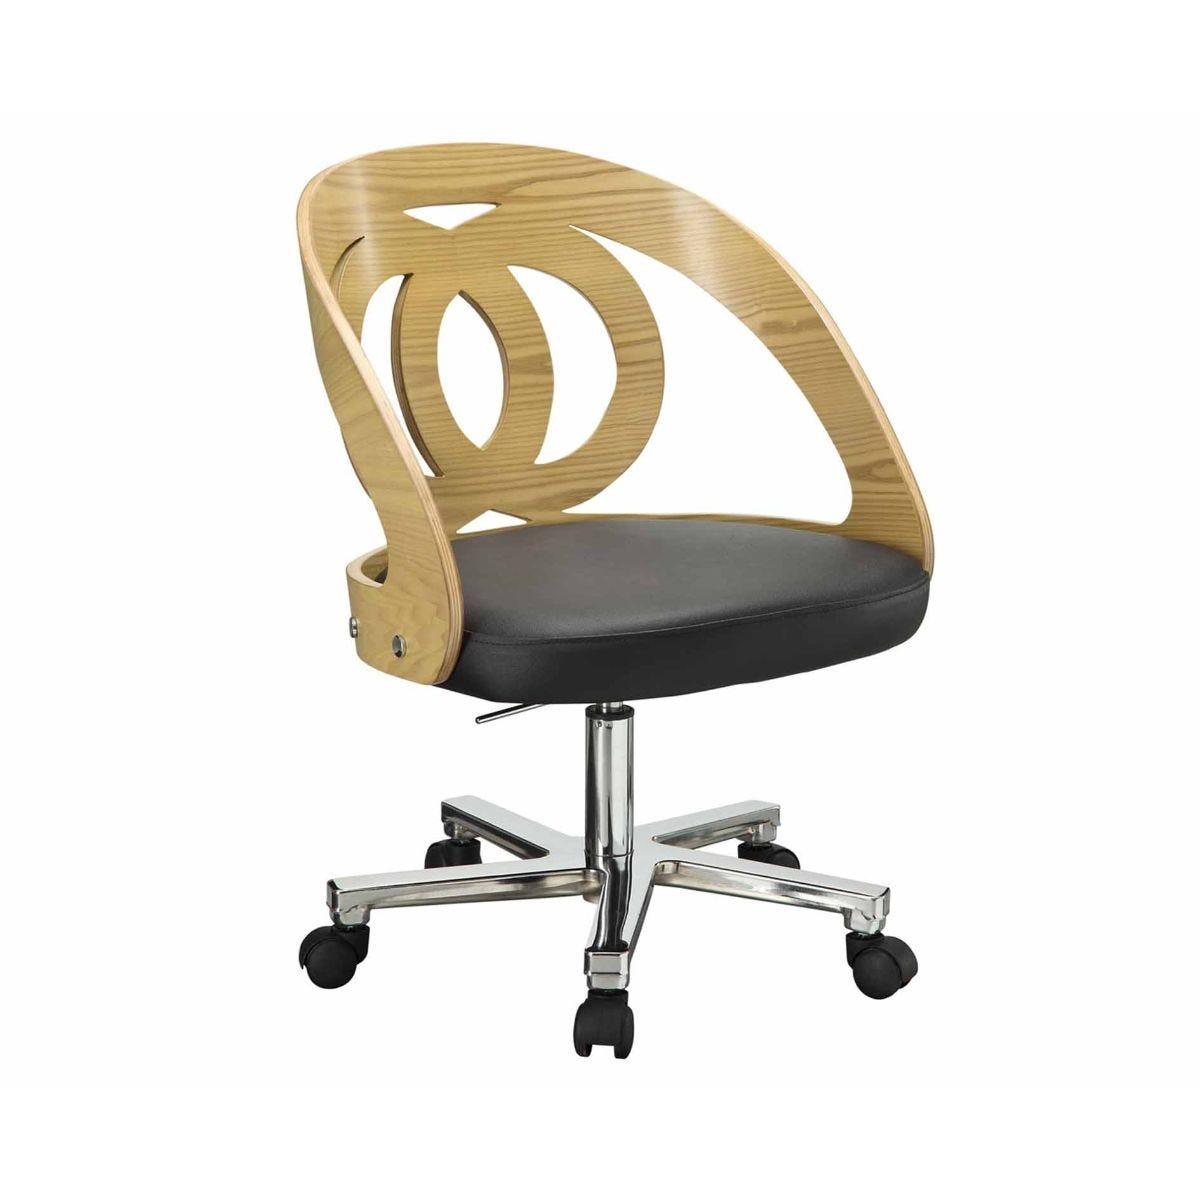 Jual Helsinki Wooden Swivel Office Chair, Oak